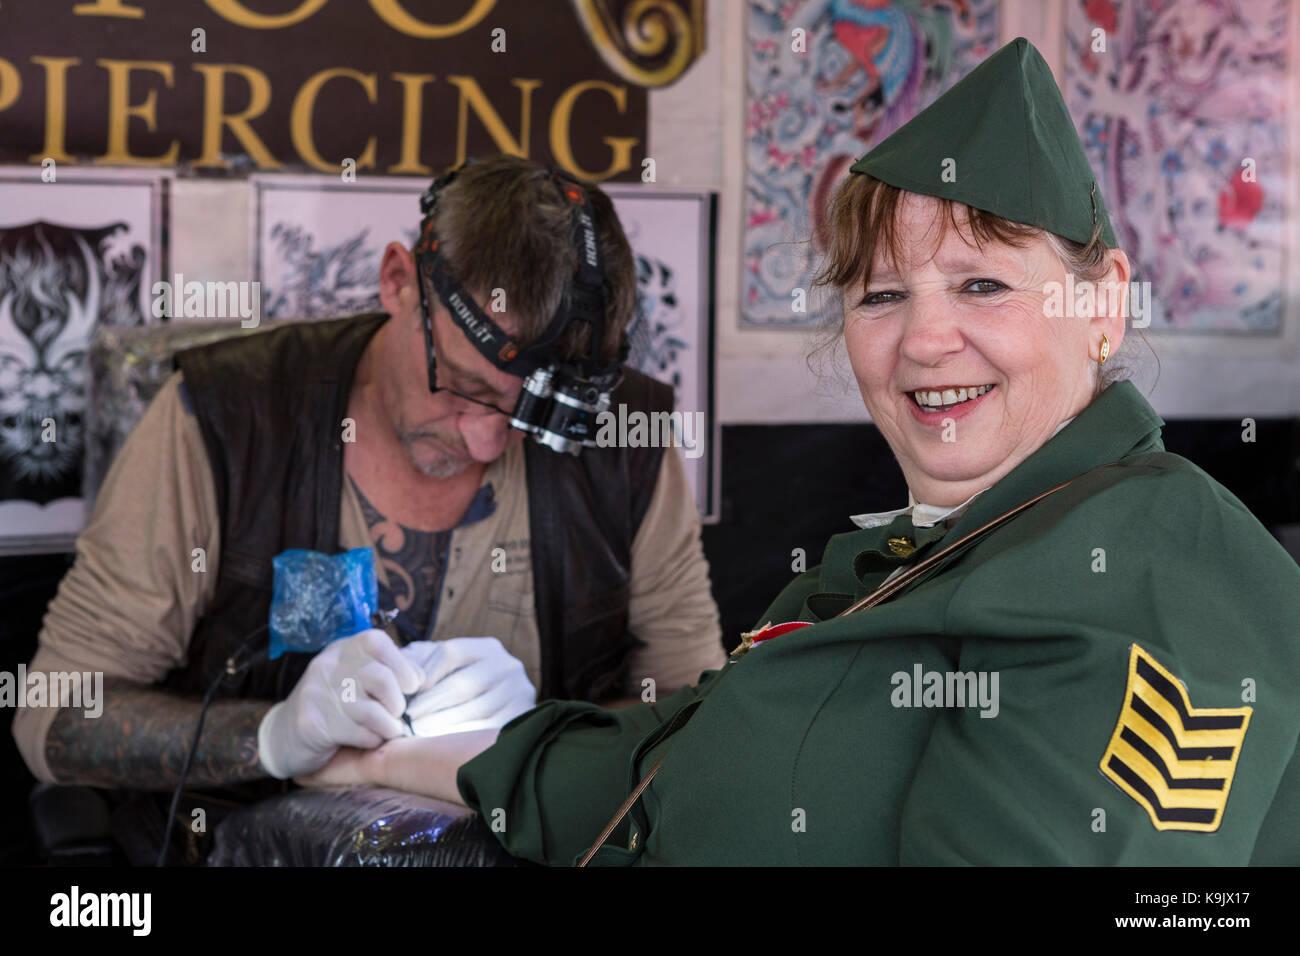 Helen Cassell de Llanelli, vêtu comme un GI américain, ayant son premier tatouage à l'Porthcawl Photo Stock